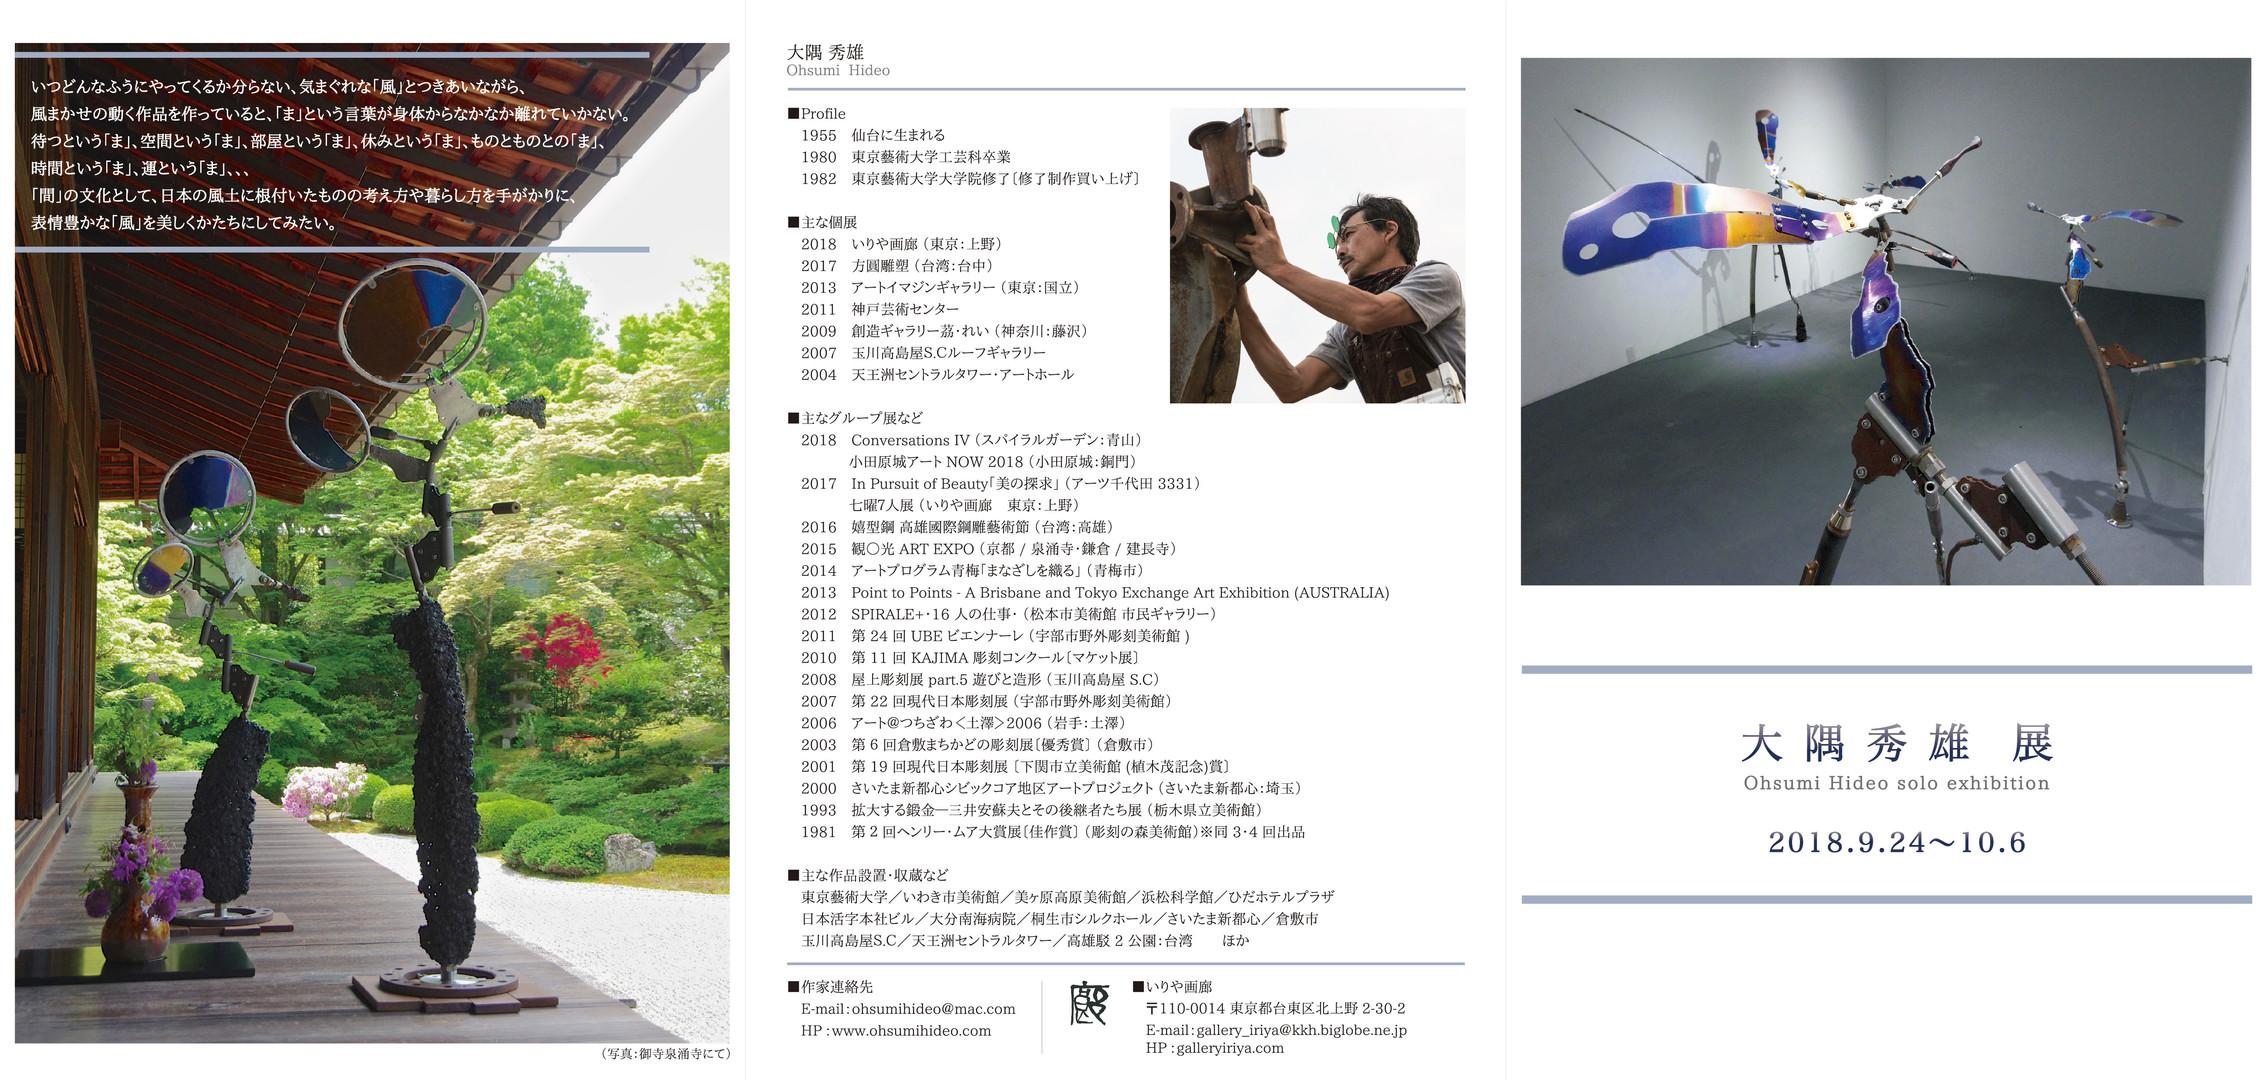 OHSUMI HIDEO leaflet1.jpg